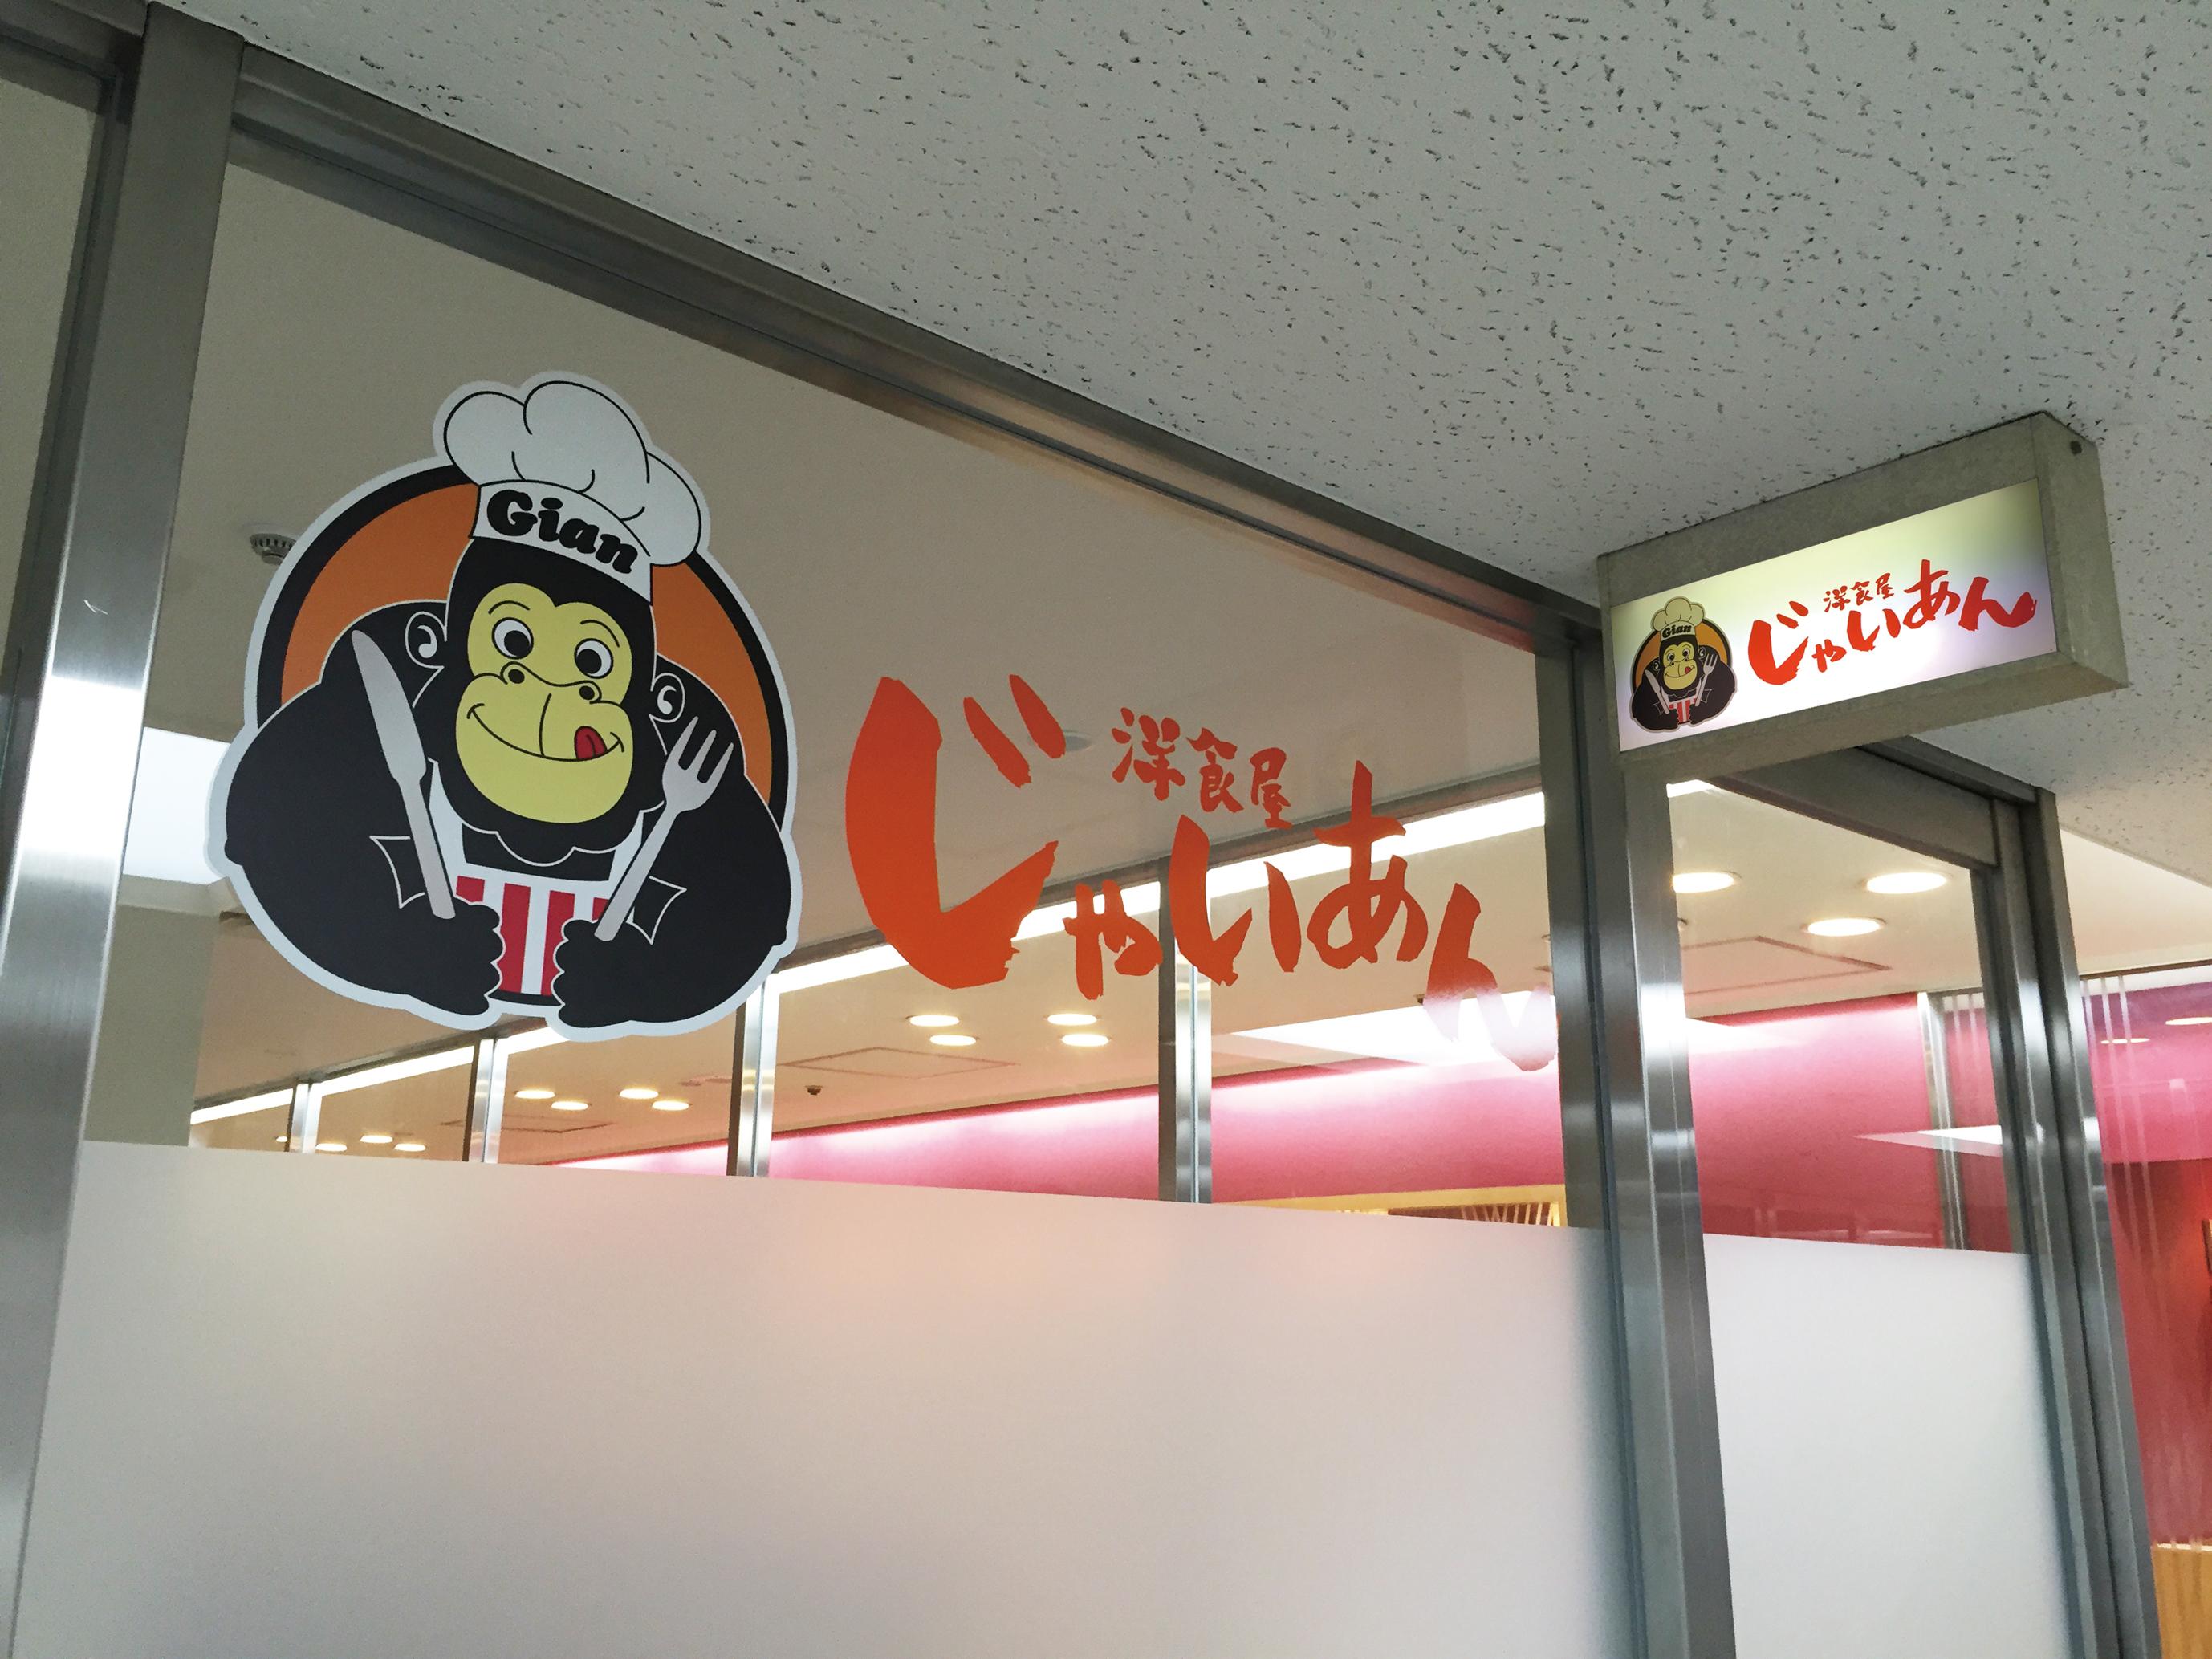 大田区洋食店様 | 看板制作